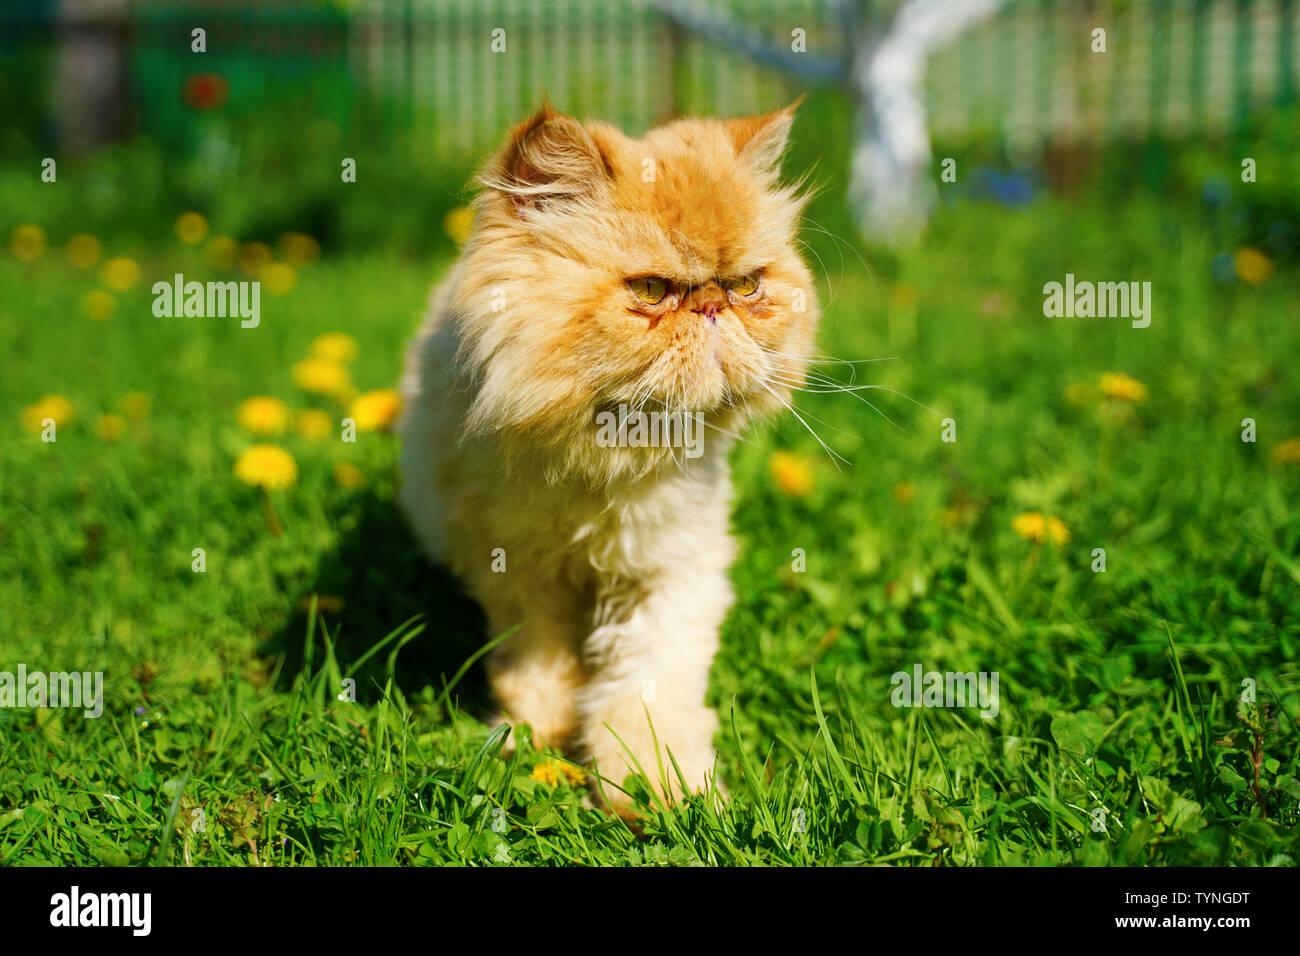 Chat persan rouge dans l'herbe verte. Banque D'Images